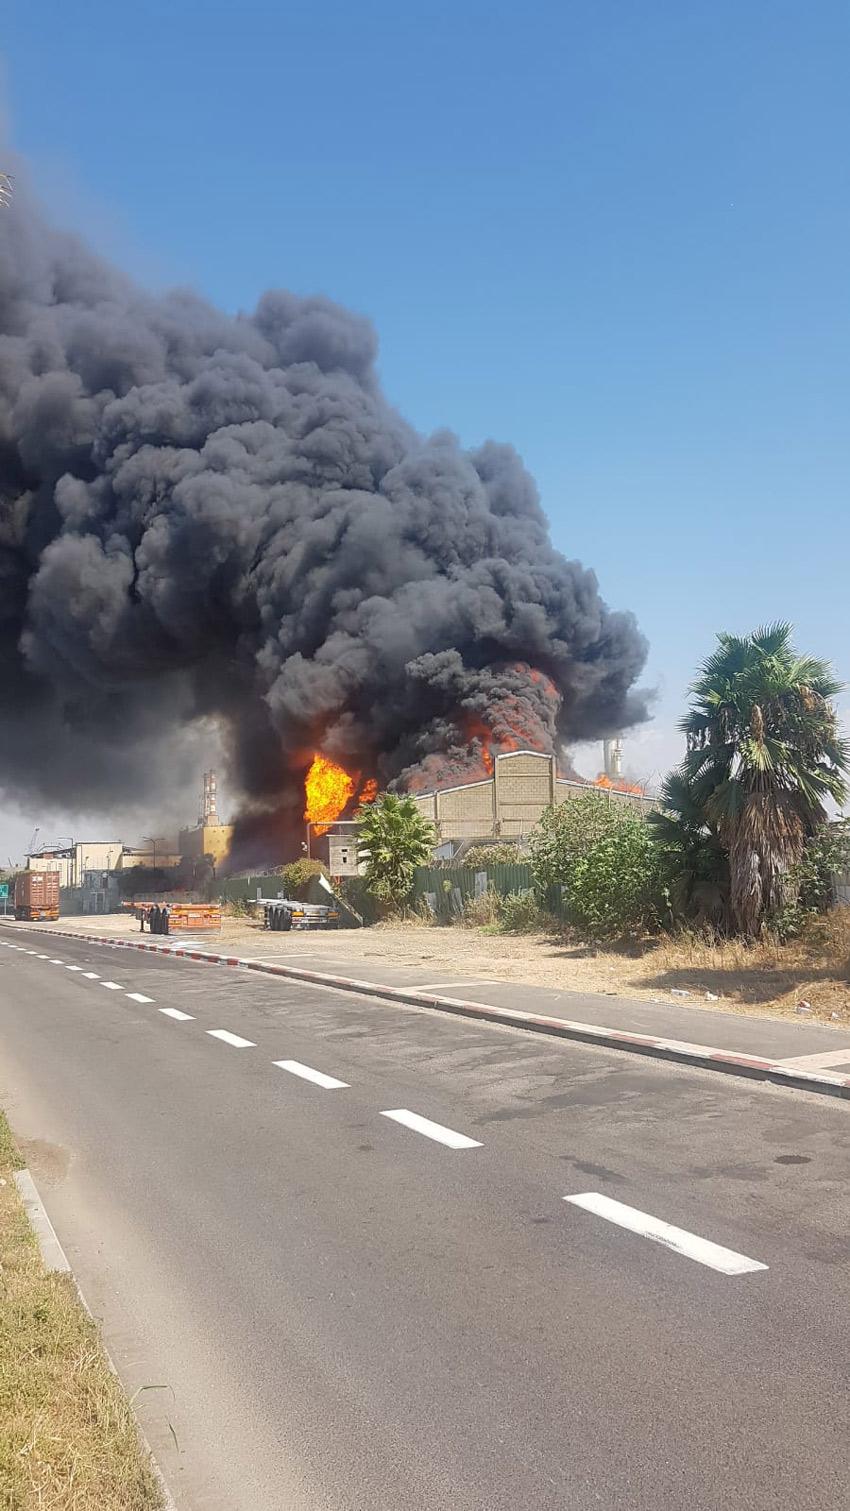 השריפה במפעל שמן (צילום: דוברות שירותי כיבוי והצלה, מחוז חוף)